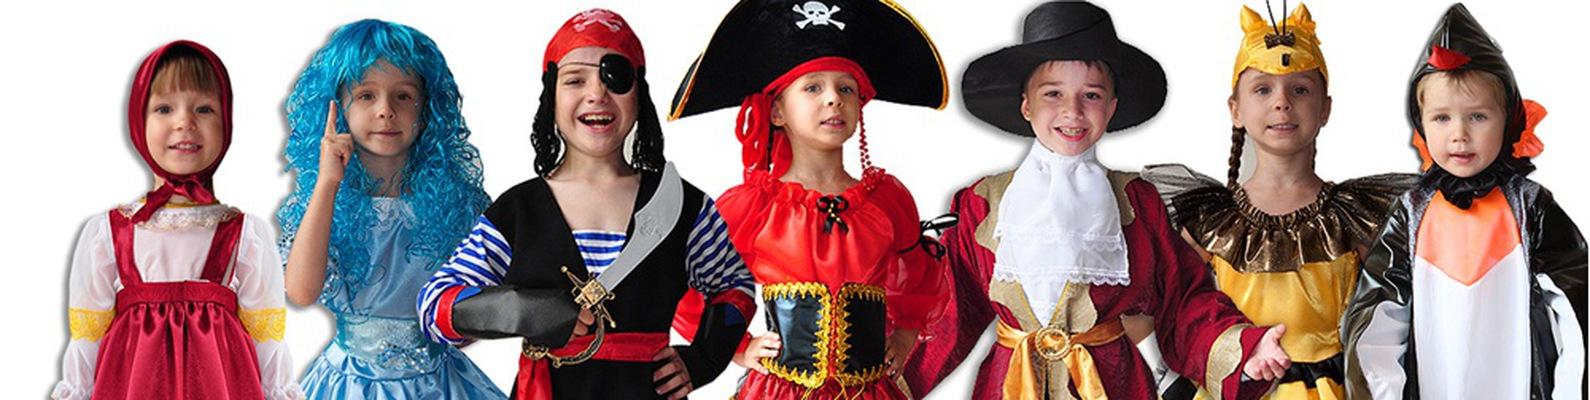 Прокат детских костюмов в Казани Цены на услуги недорогой